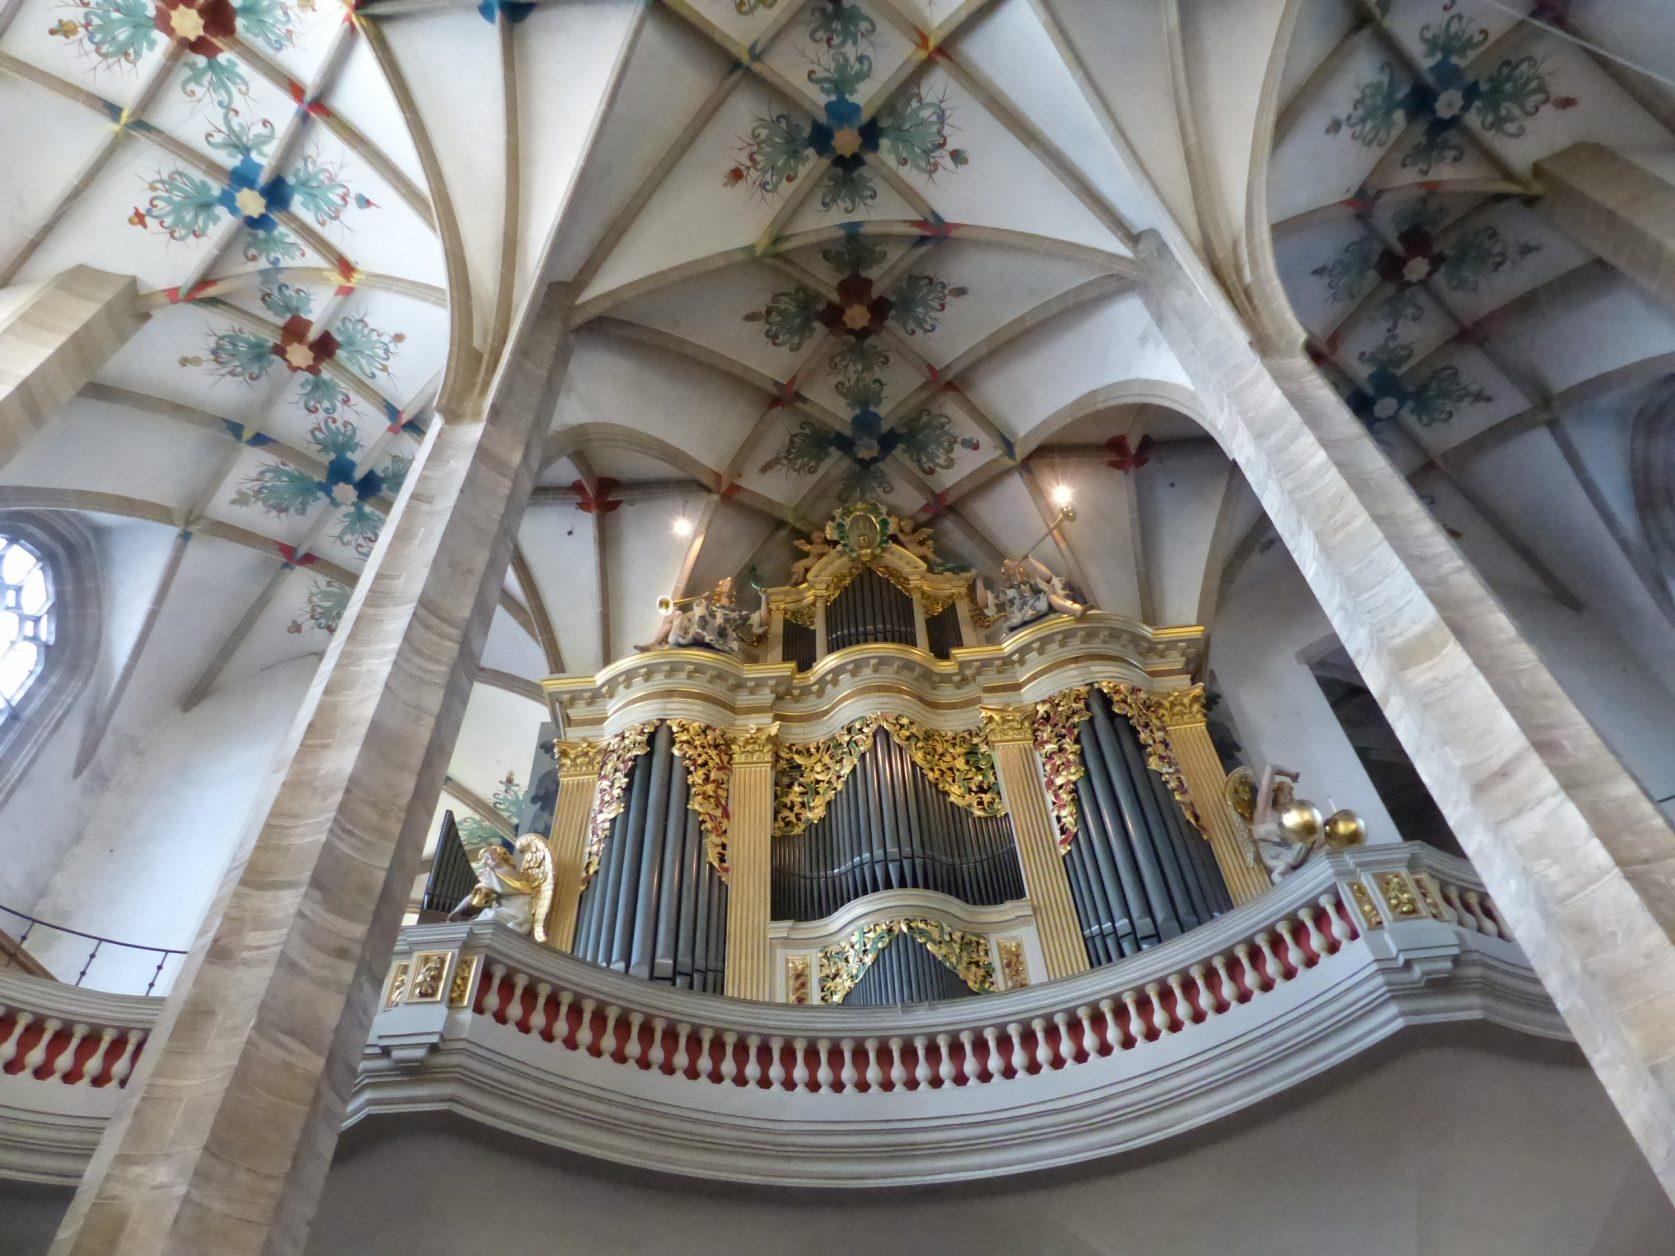 Der Dom St. Marien ist eines der bekanntesten Baudenkmale Freibergs